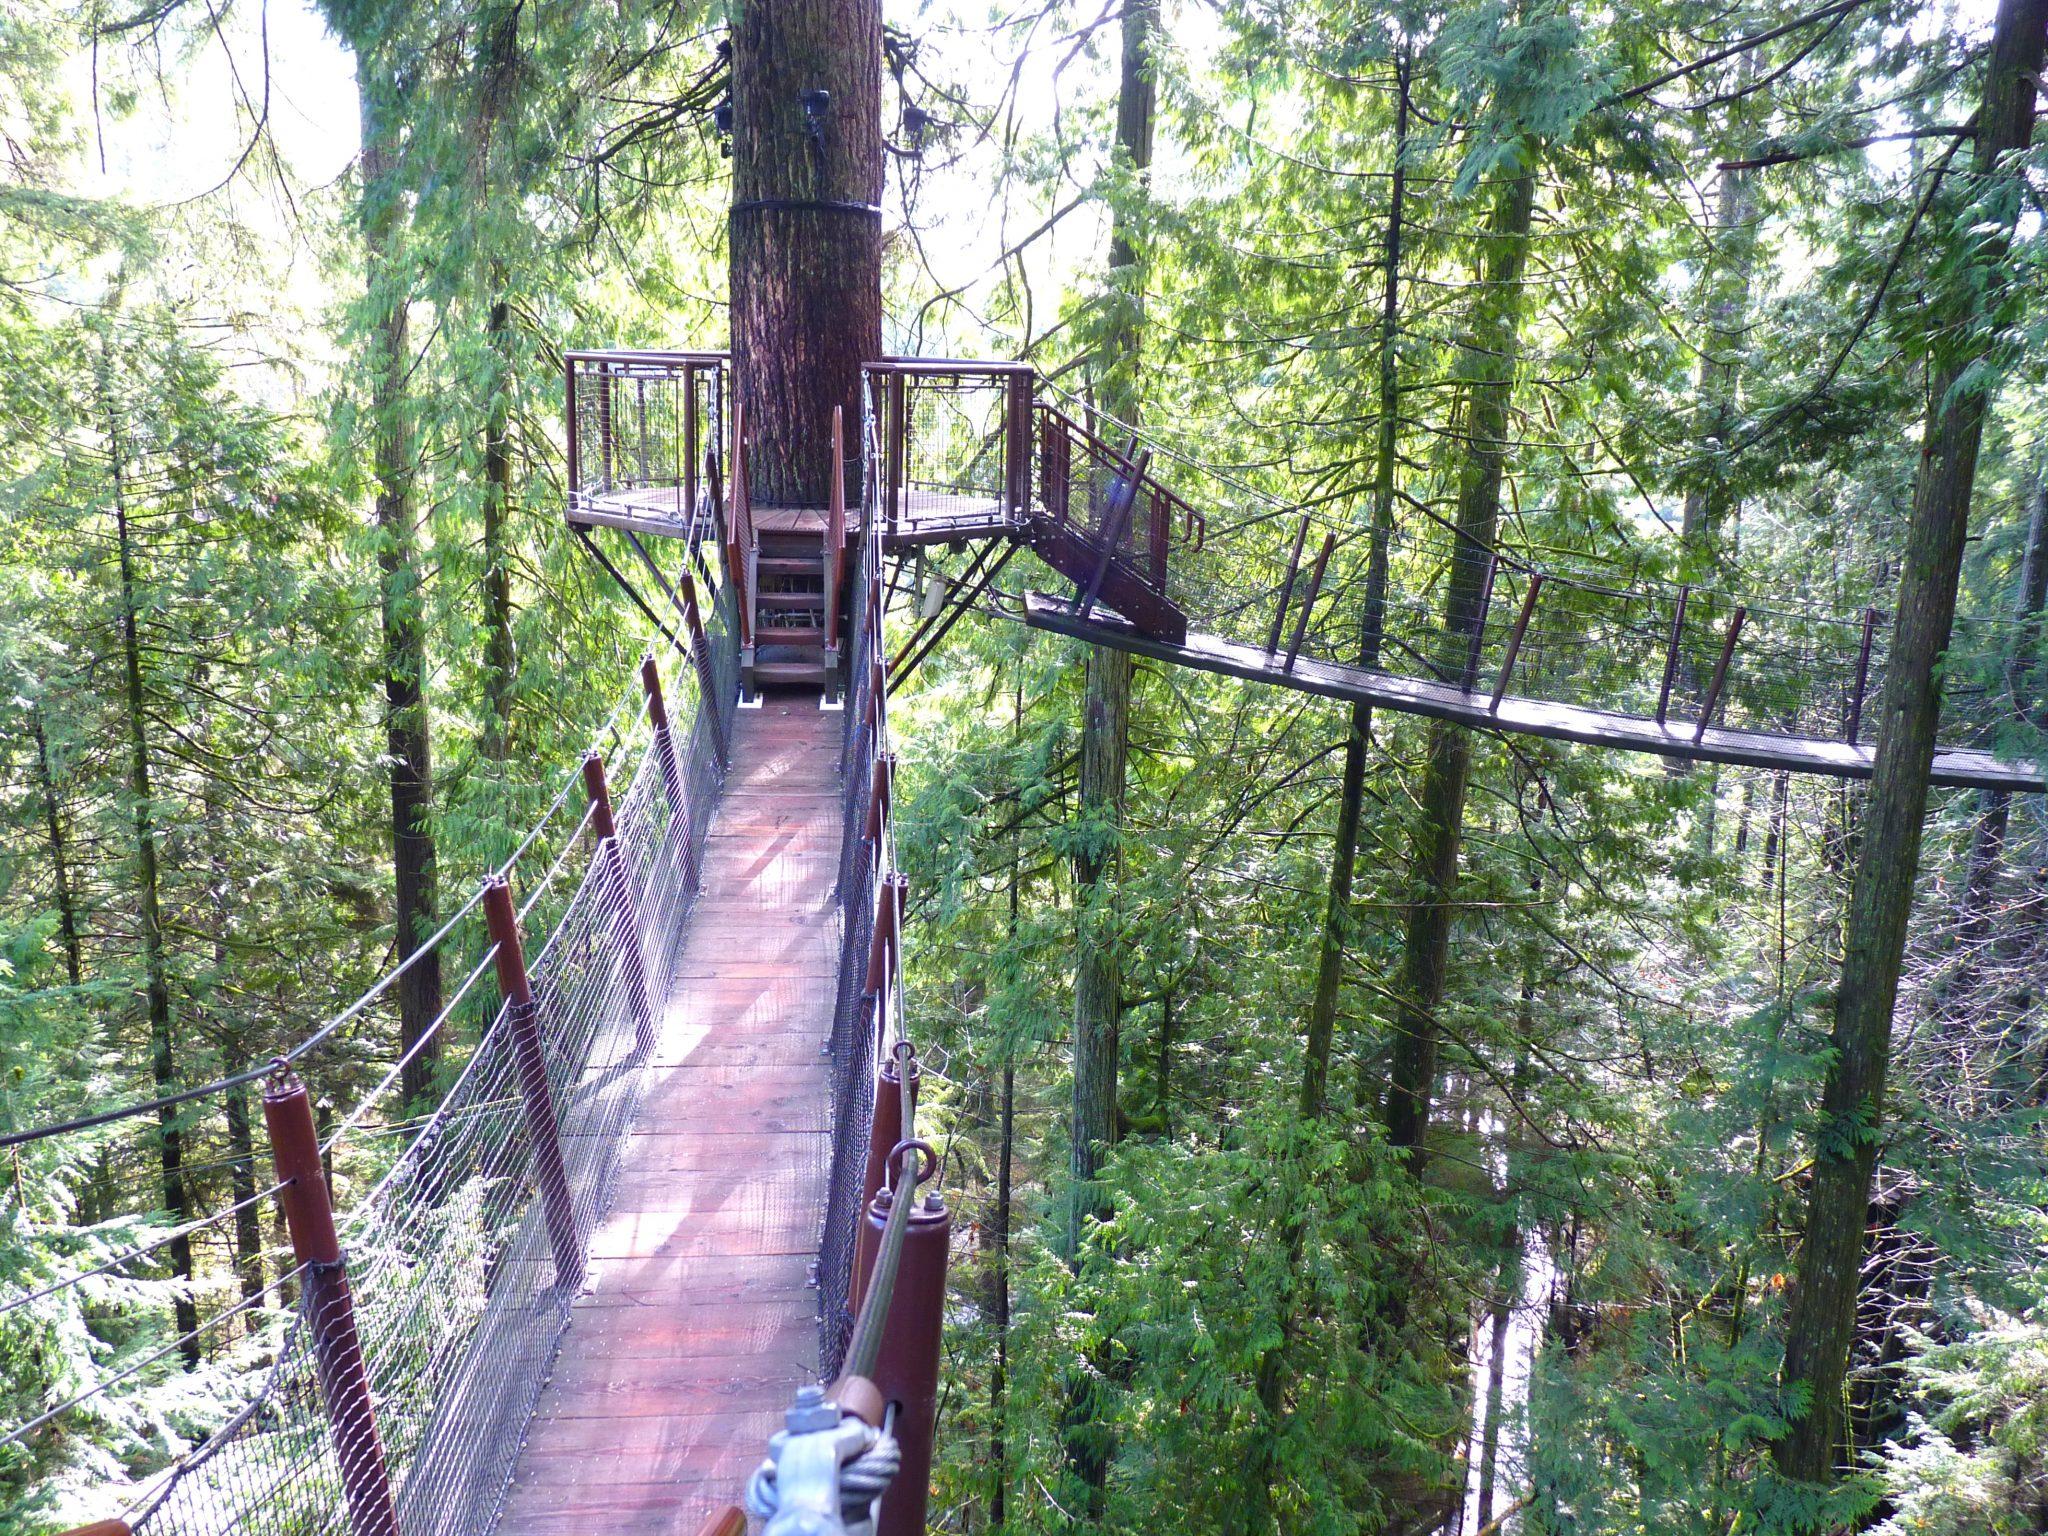 Treetops Adventure 03 Capilano Suspension Bridge Park Vancouver Canadá Mundo Indefinido